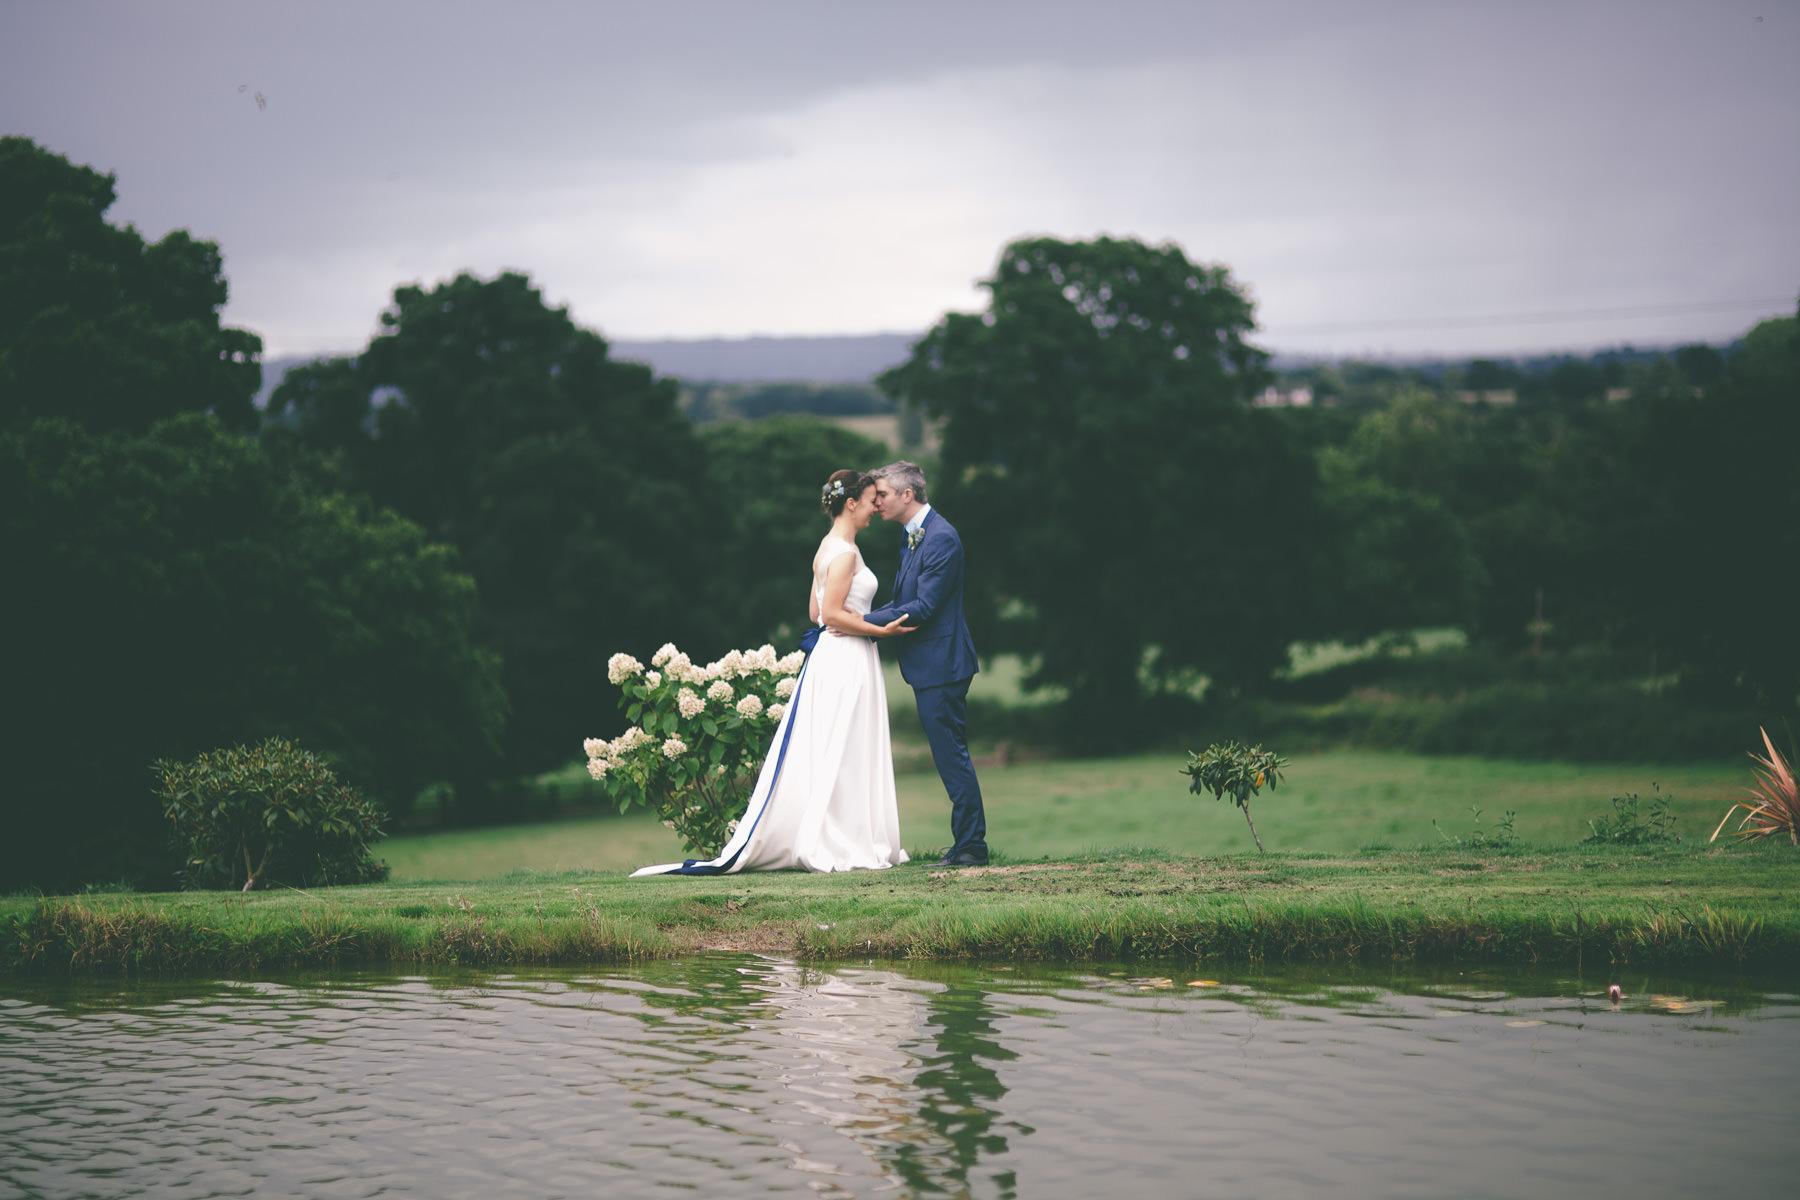 upton-barn-walled-garden-devon-wedding-photography-153